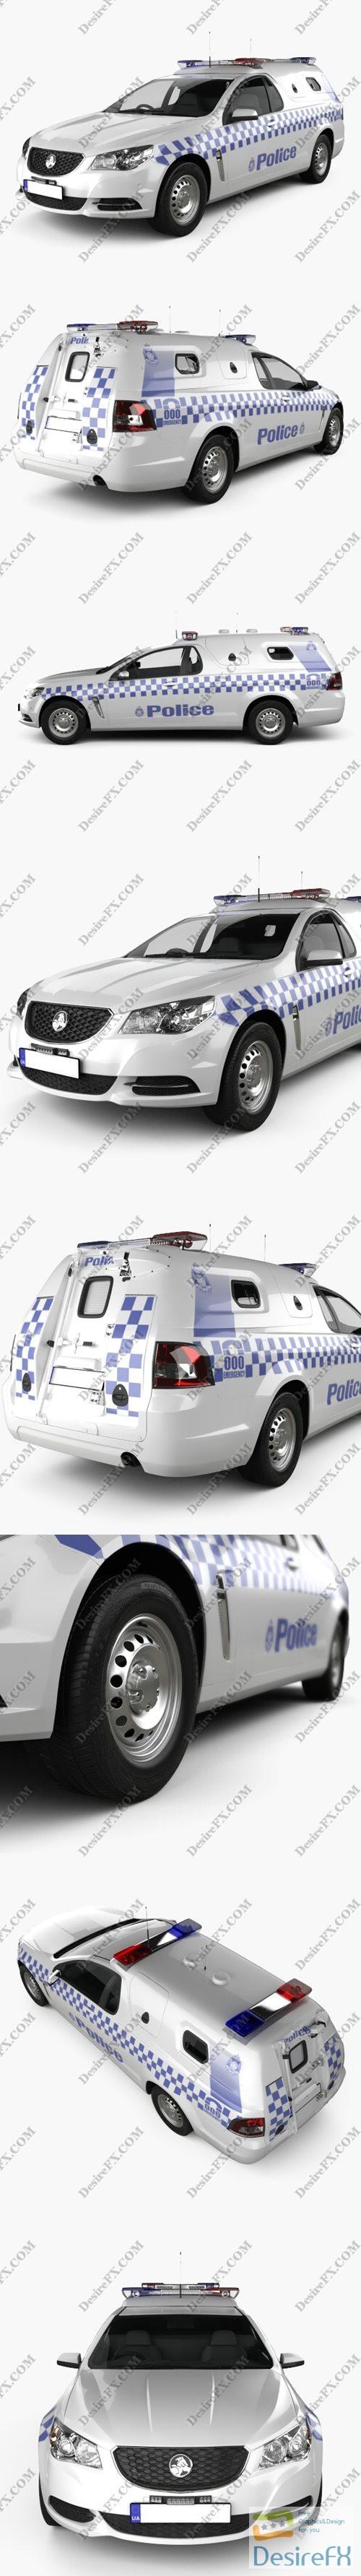 3d-models - Holden Commodore ute Evoke Police 2013 3D Model